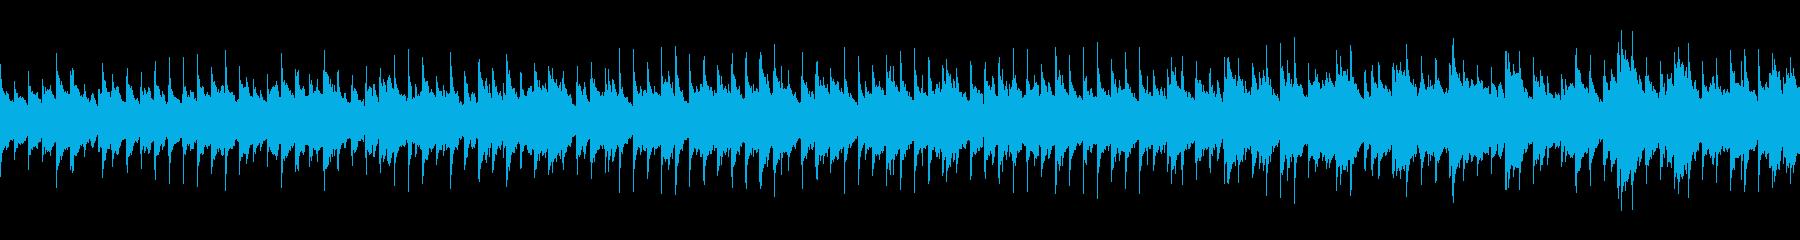 永遠に続くポップバラード (ループ仕様)の再生済みの波形